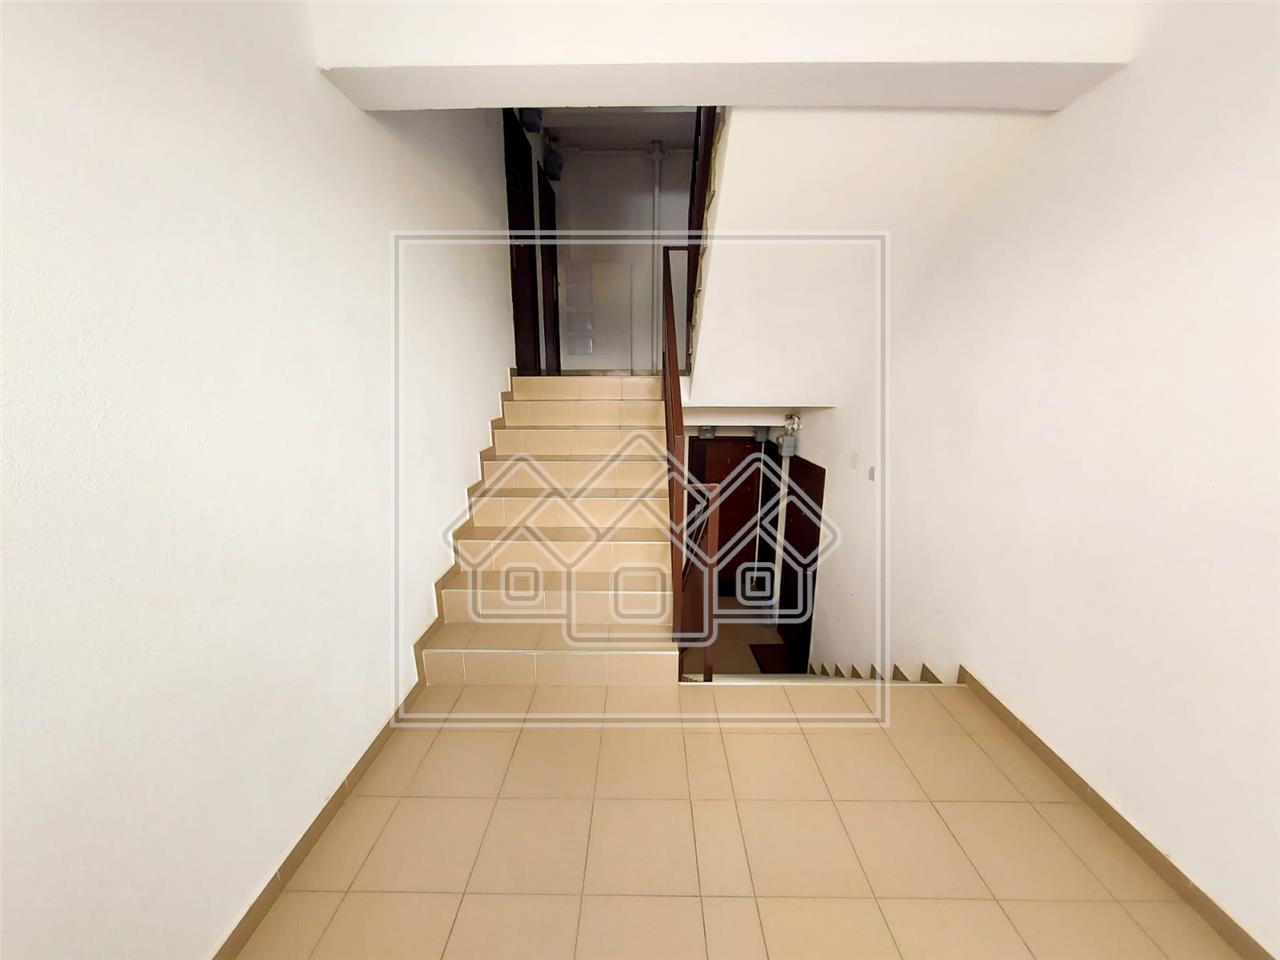 3 Zimmer Wohnung kaufen in Sibiu - Turnisor